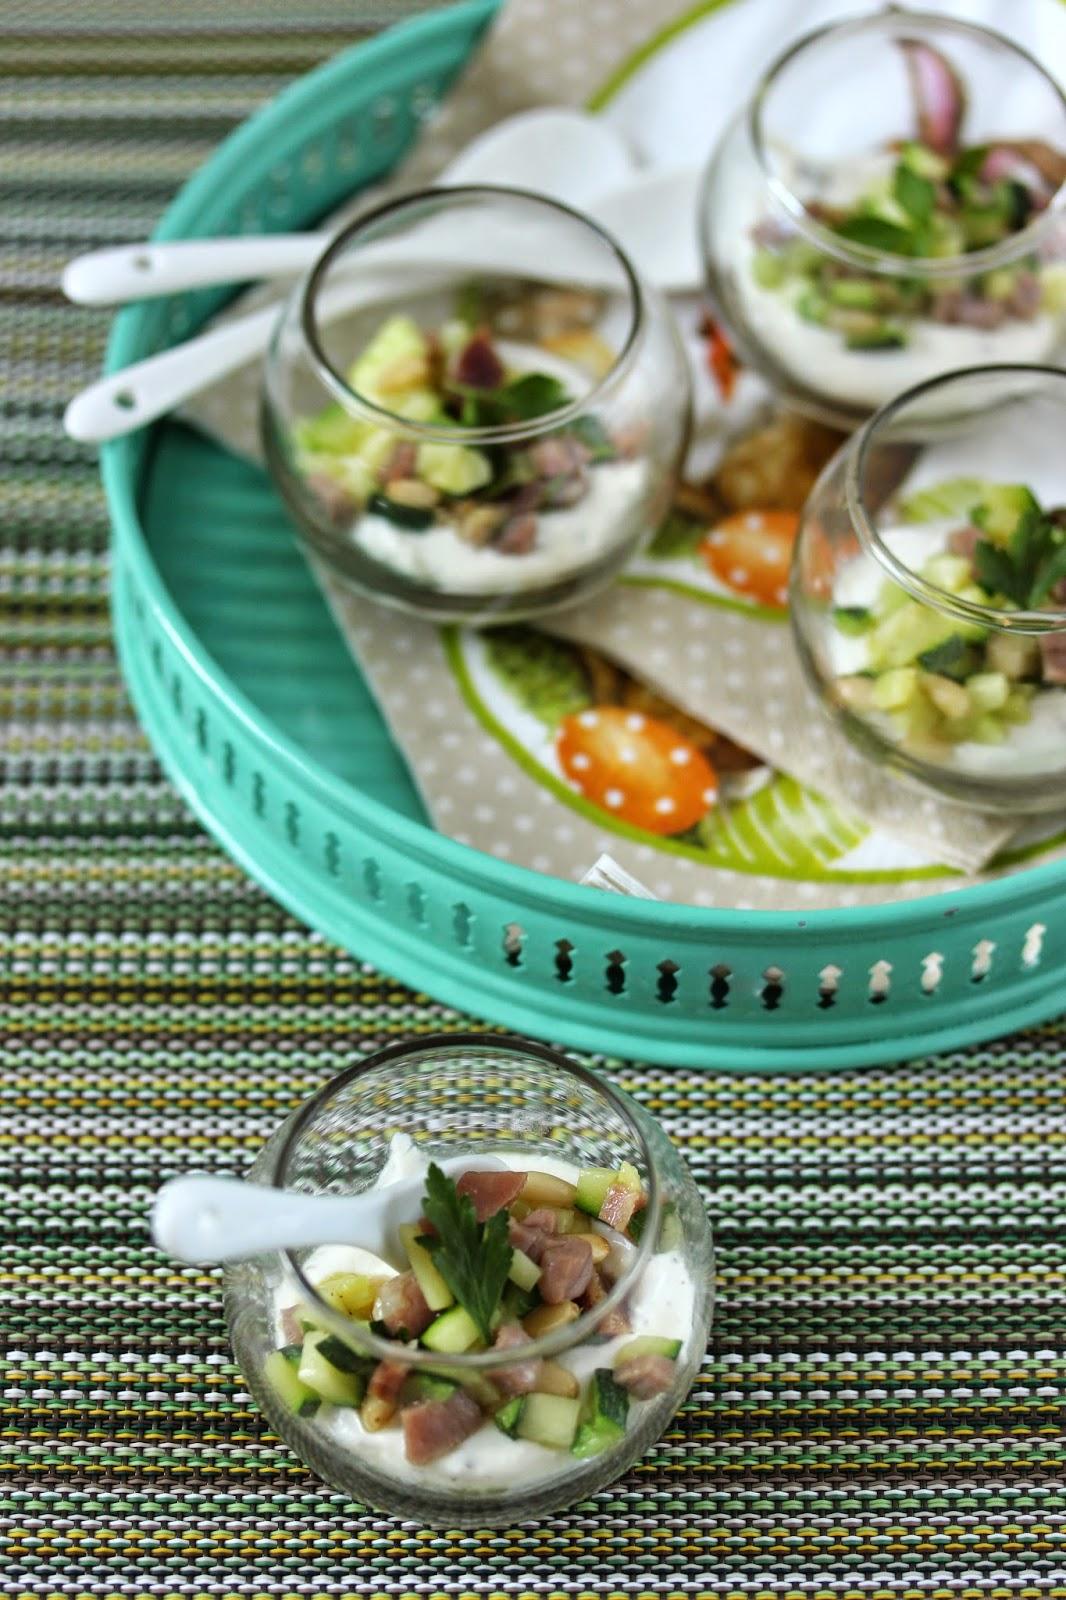 Dans la cuisine de sophie verrines de boursin cuisine courgettes et jambon cru - Courgette boursin cuisine ...